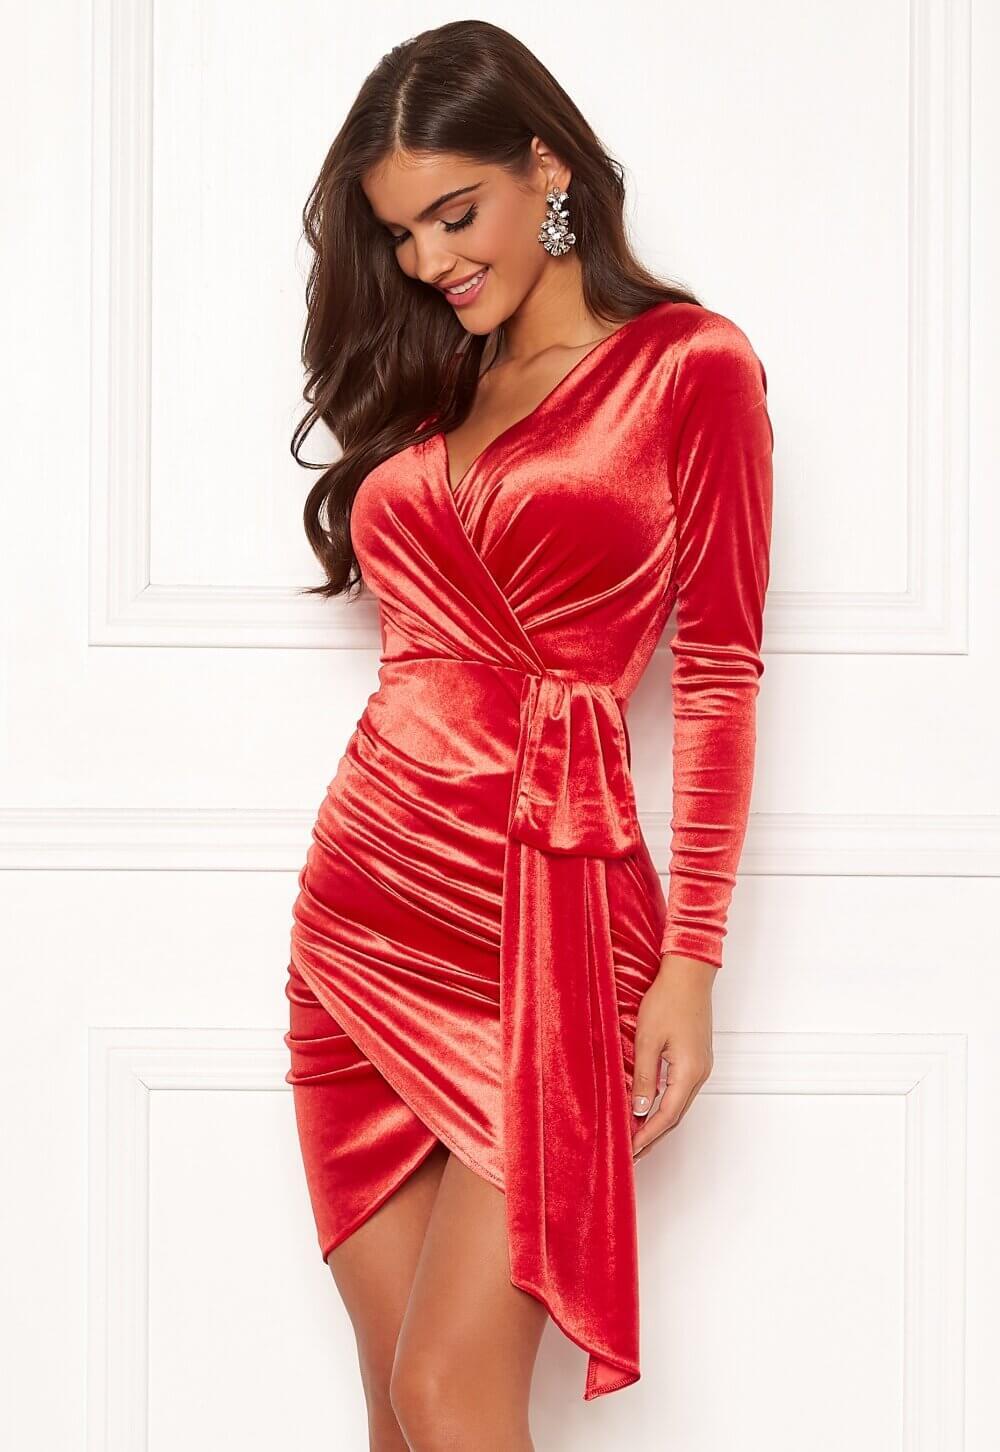 Röd partyklänning i sammet.